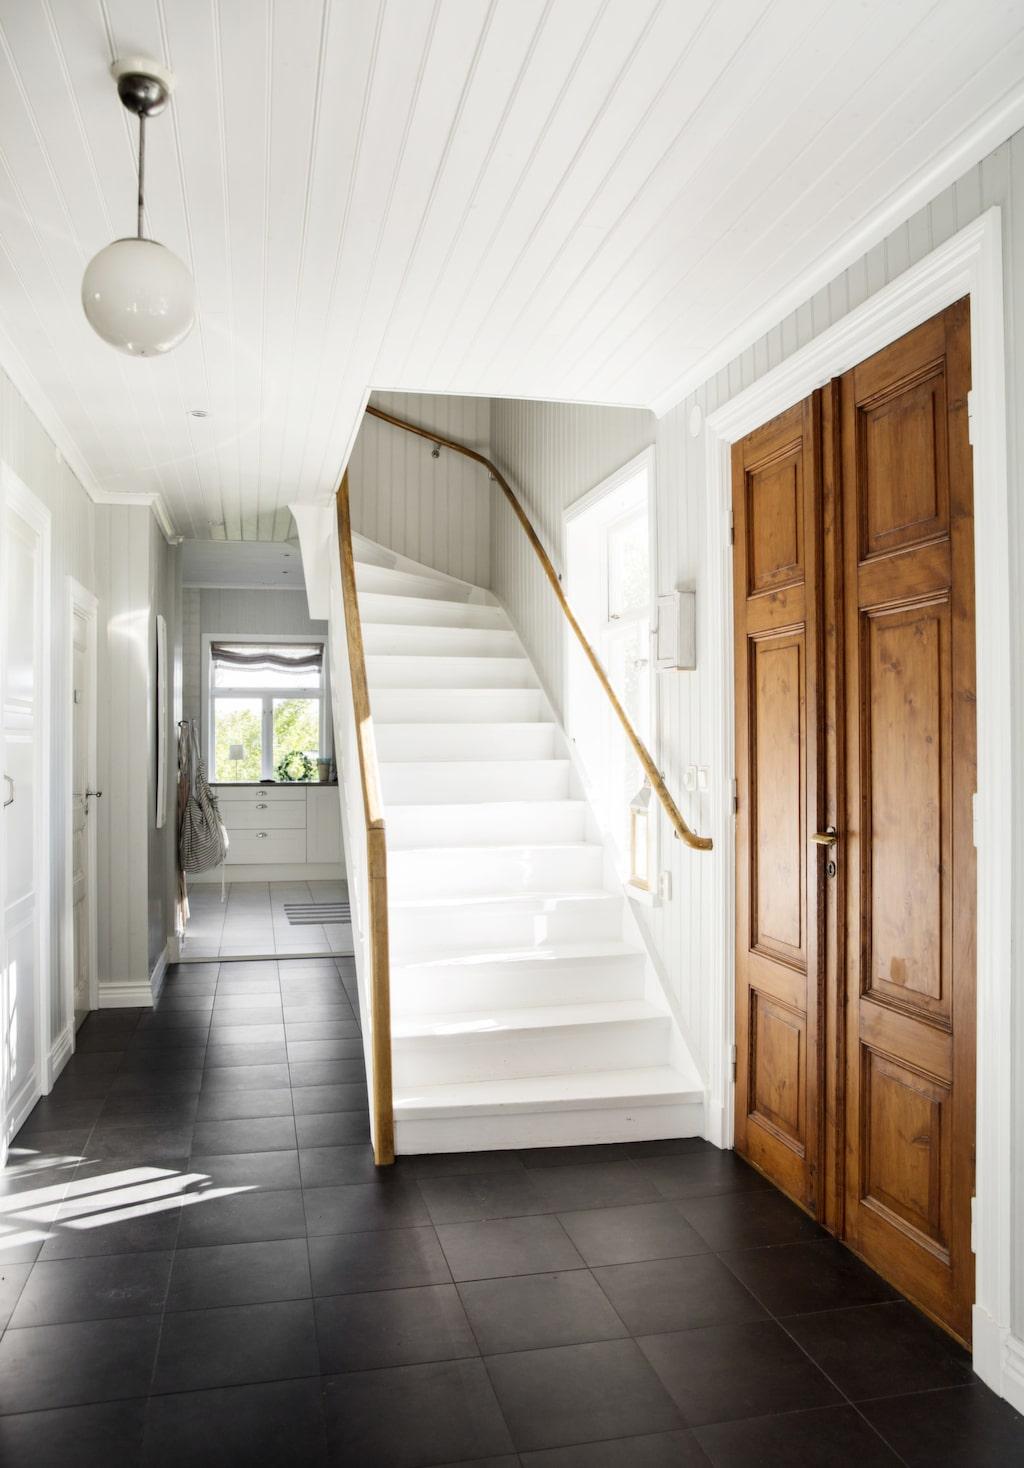 Hallen är klädd med svarta plattor, och trappen är målad vit. Dörrarna och trappräcket är i originalskick.